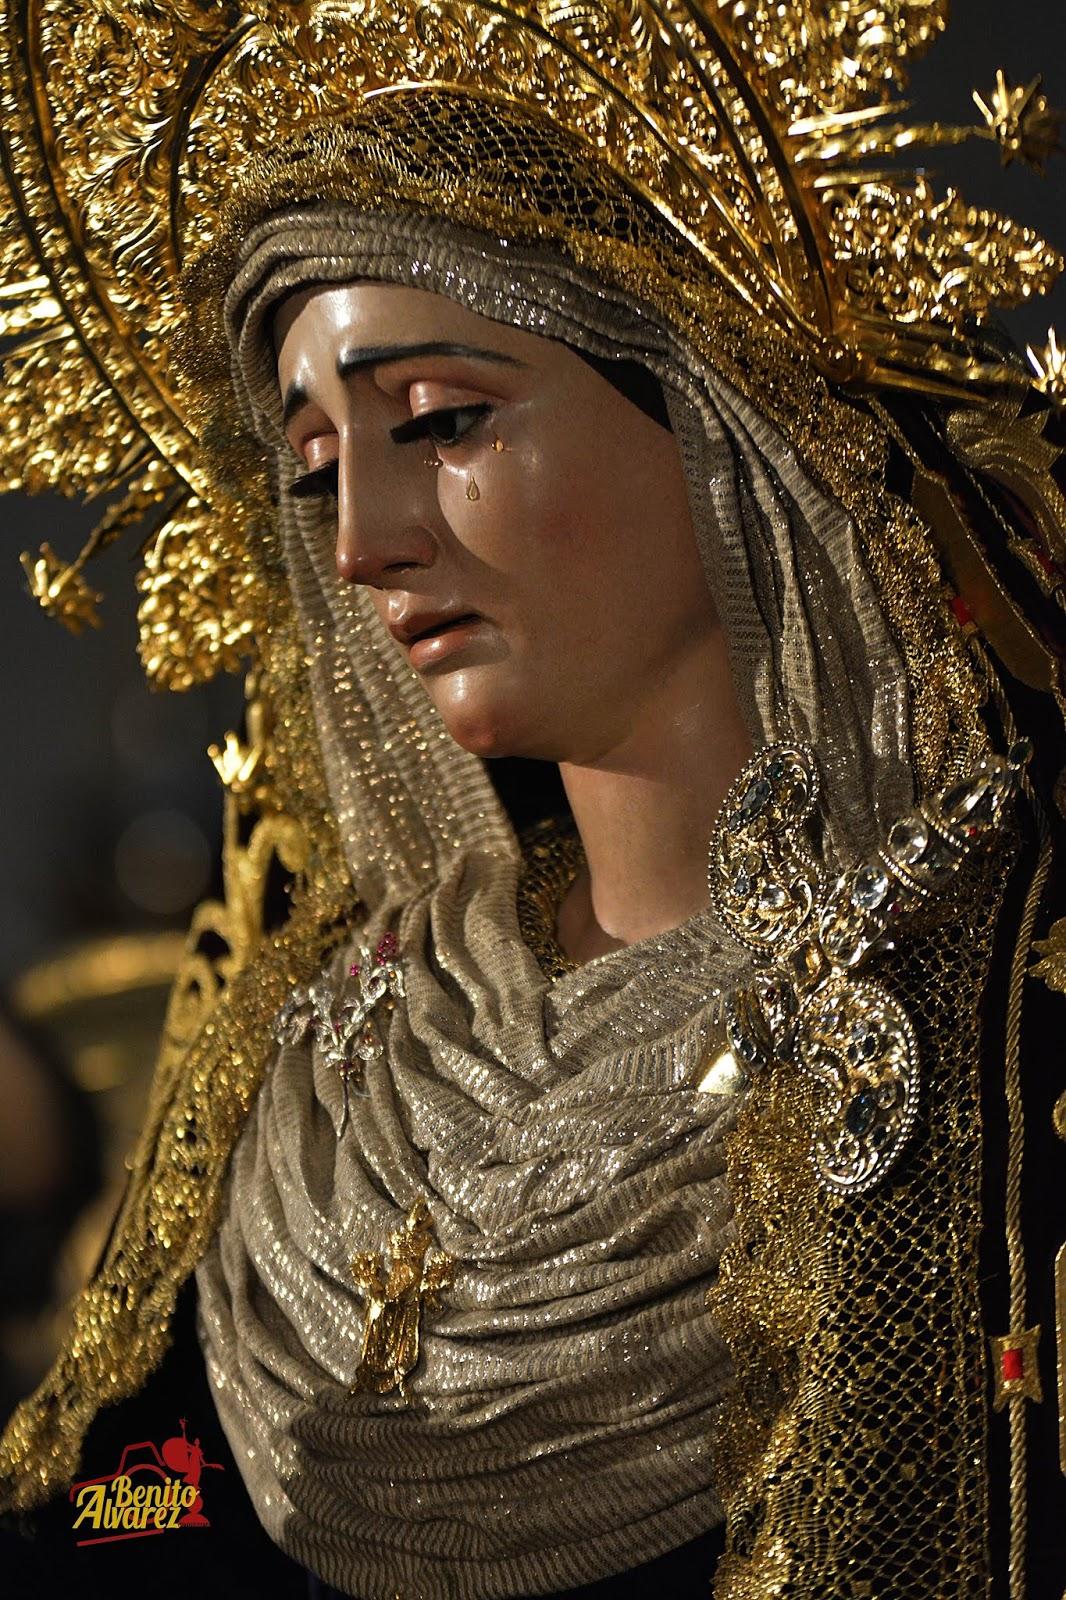 SEVILLA|El besamanos extraordinario de la Virgen de la Victoria desde el objetivo de Benito Álvarez